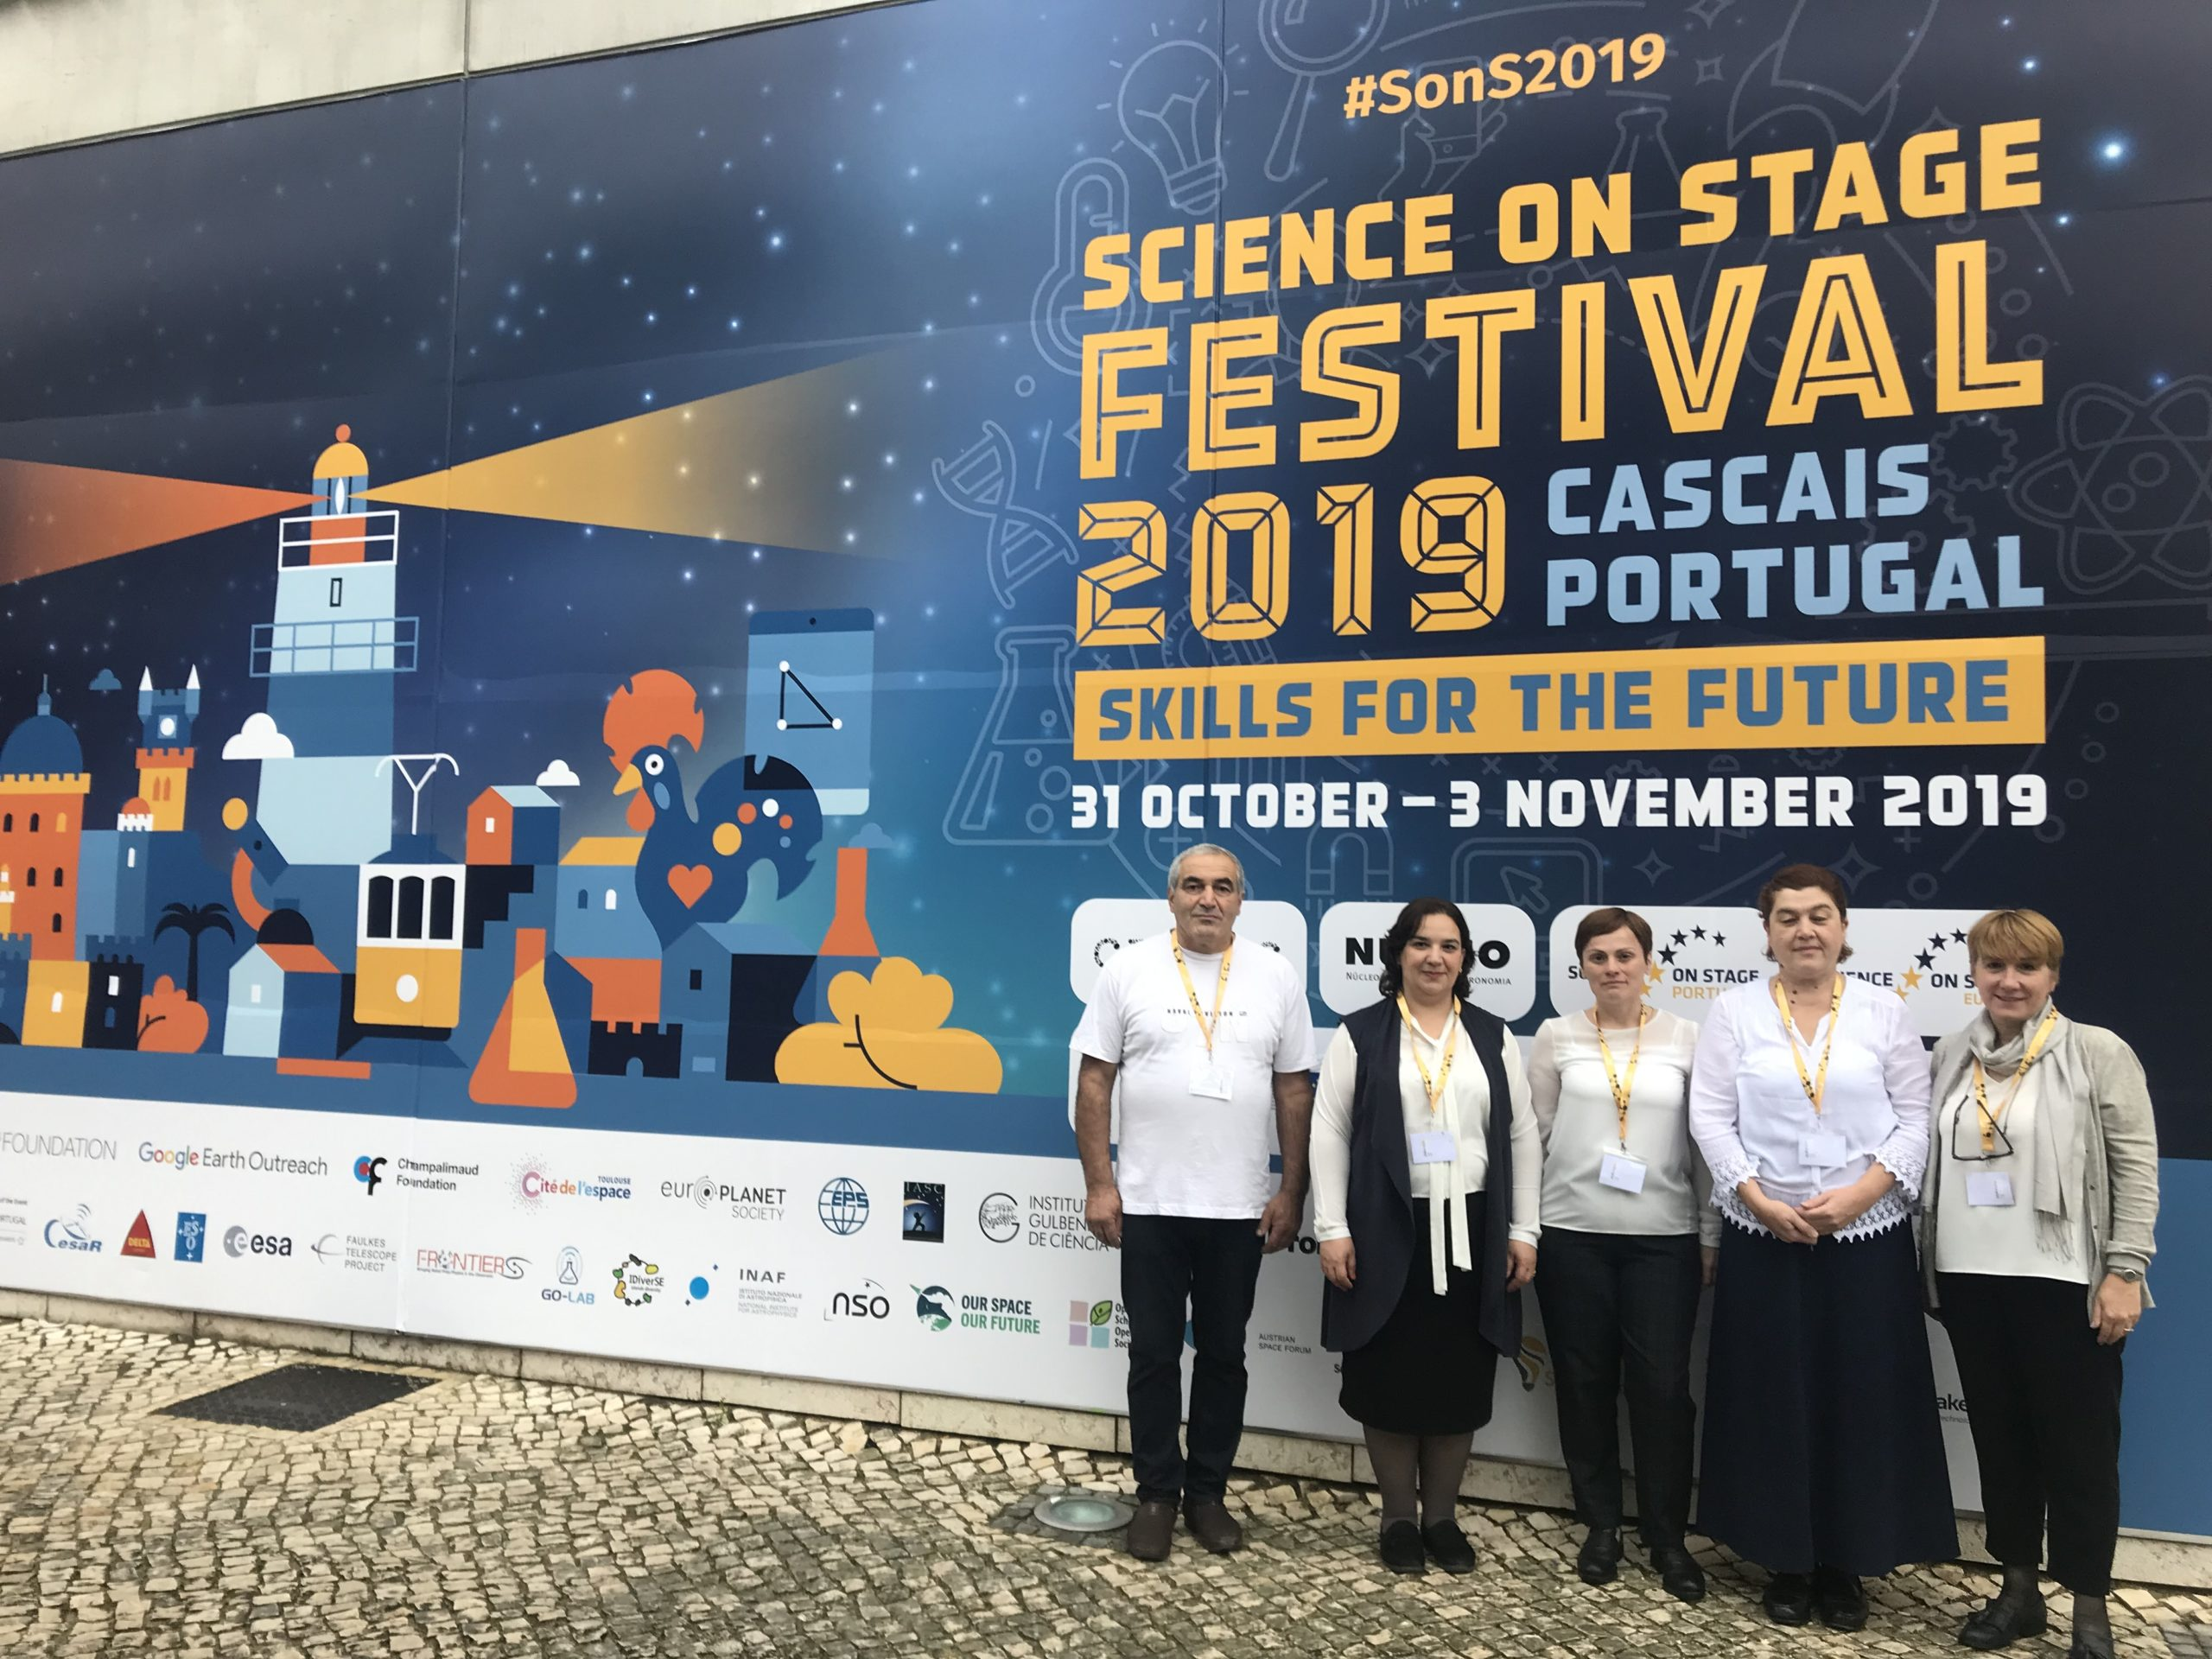 Science on Stage საერთაშორისო ფესტივალი პორტუგალიაში